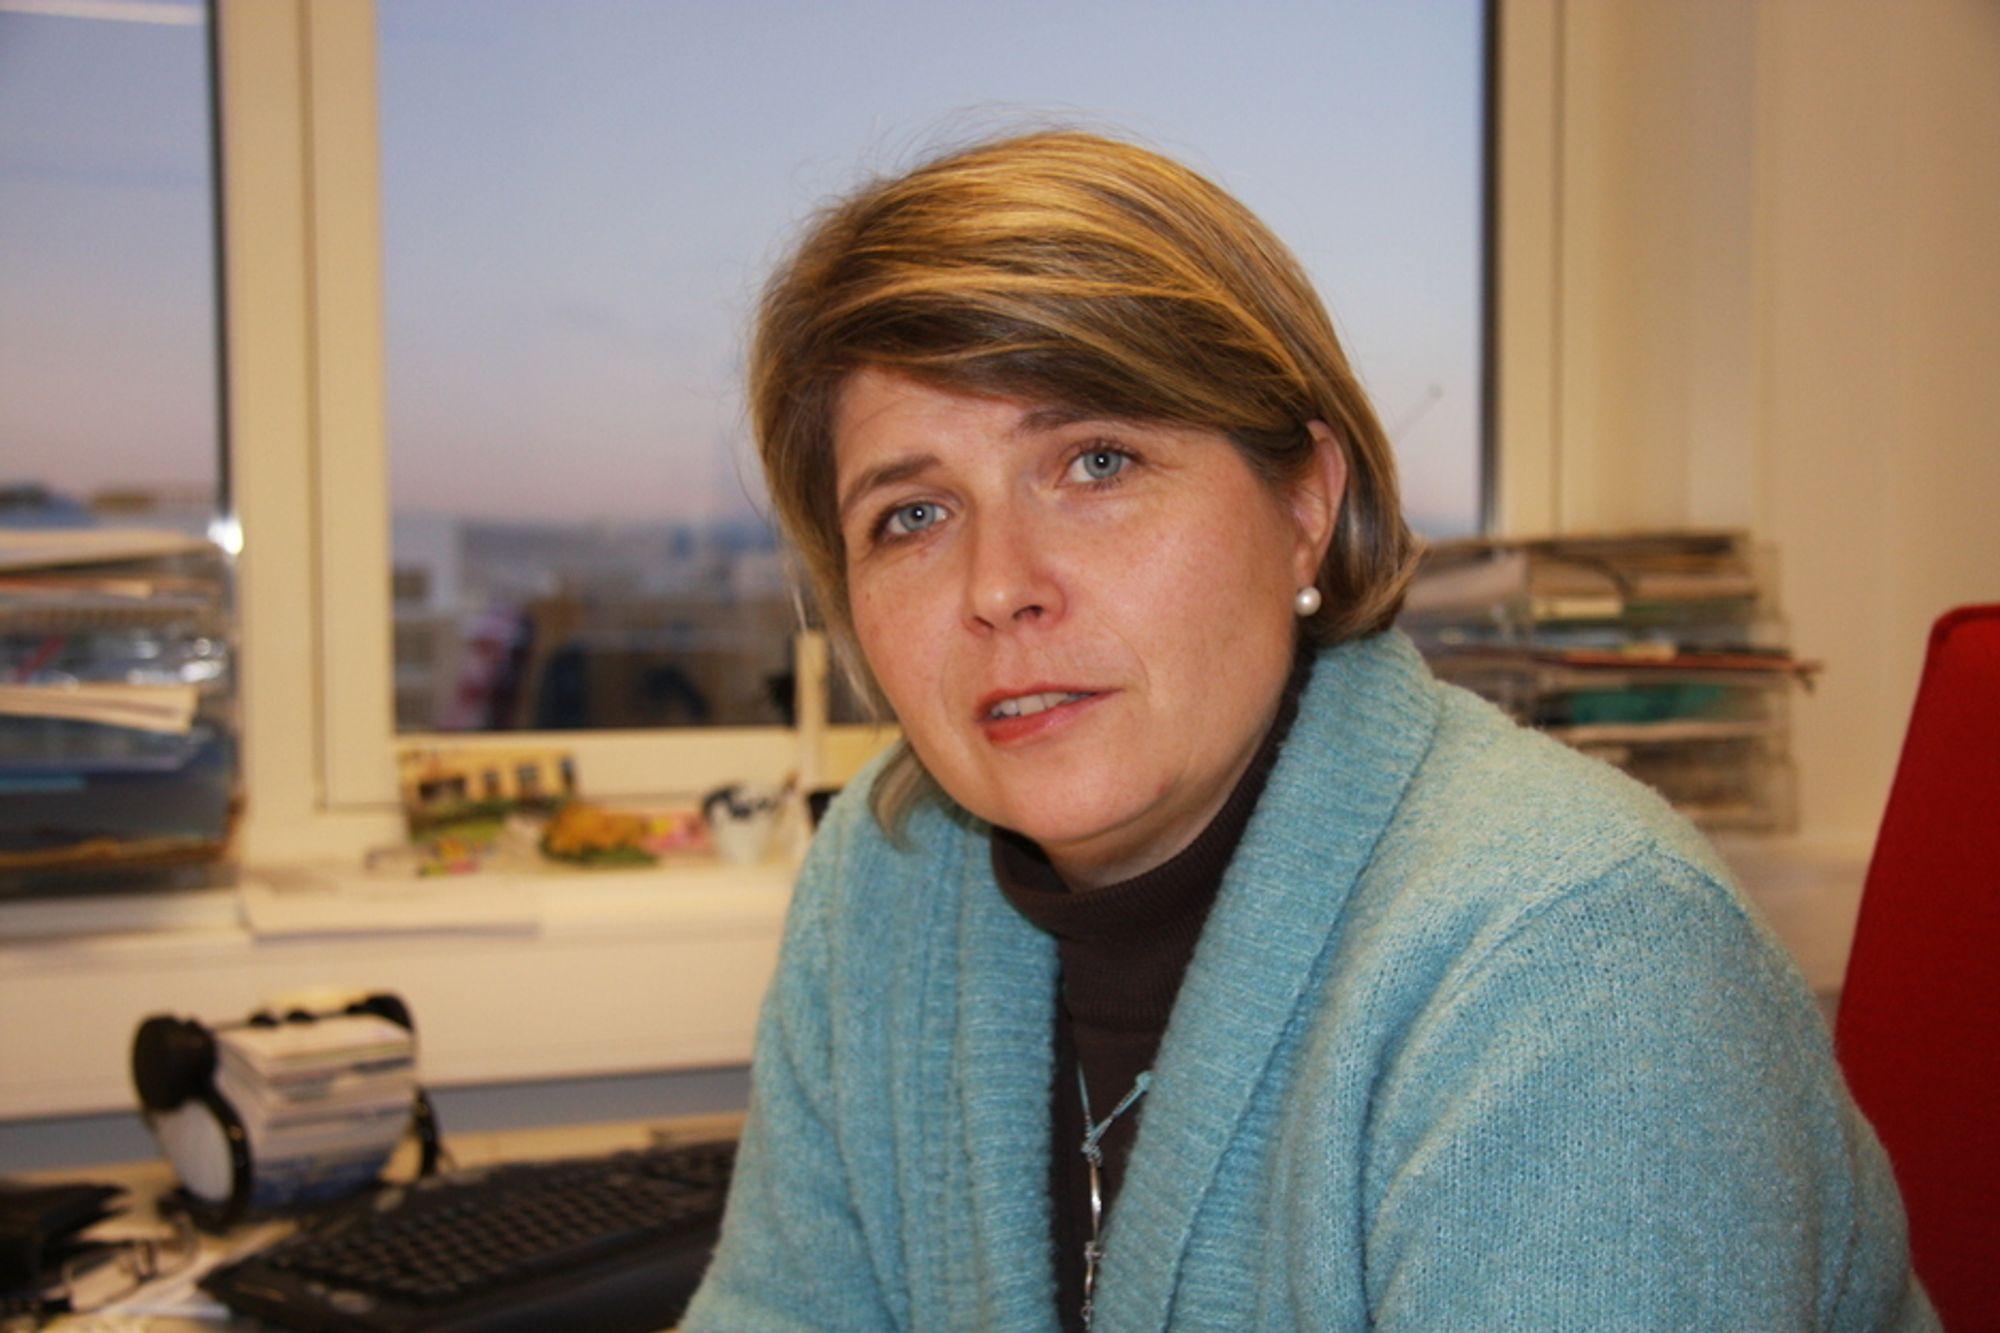 Våre 25 000 eiere har en strategisk interesse av å redusere prisgapet mellom importert og nasjonalt storfekjøtt, sier kommunikasjonsdirektør Nina Sundqvist i Nortura.